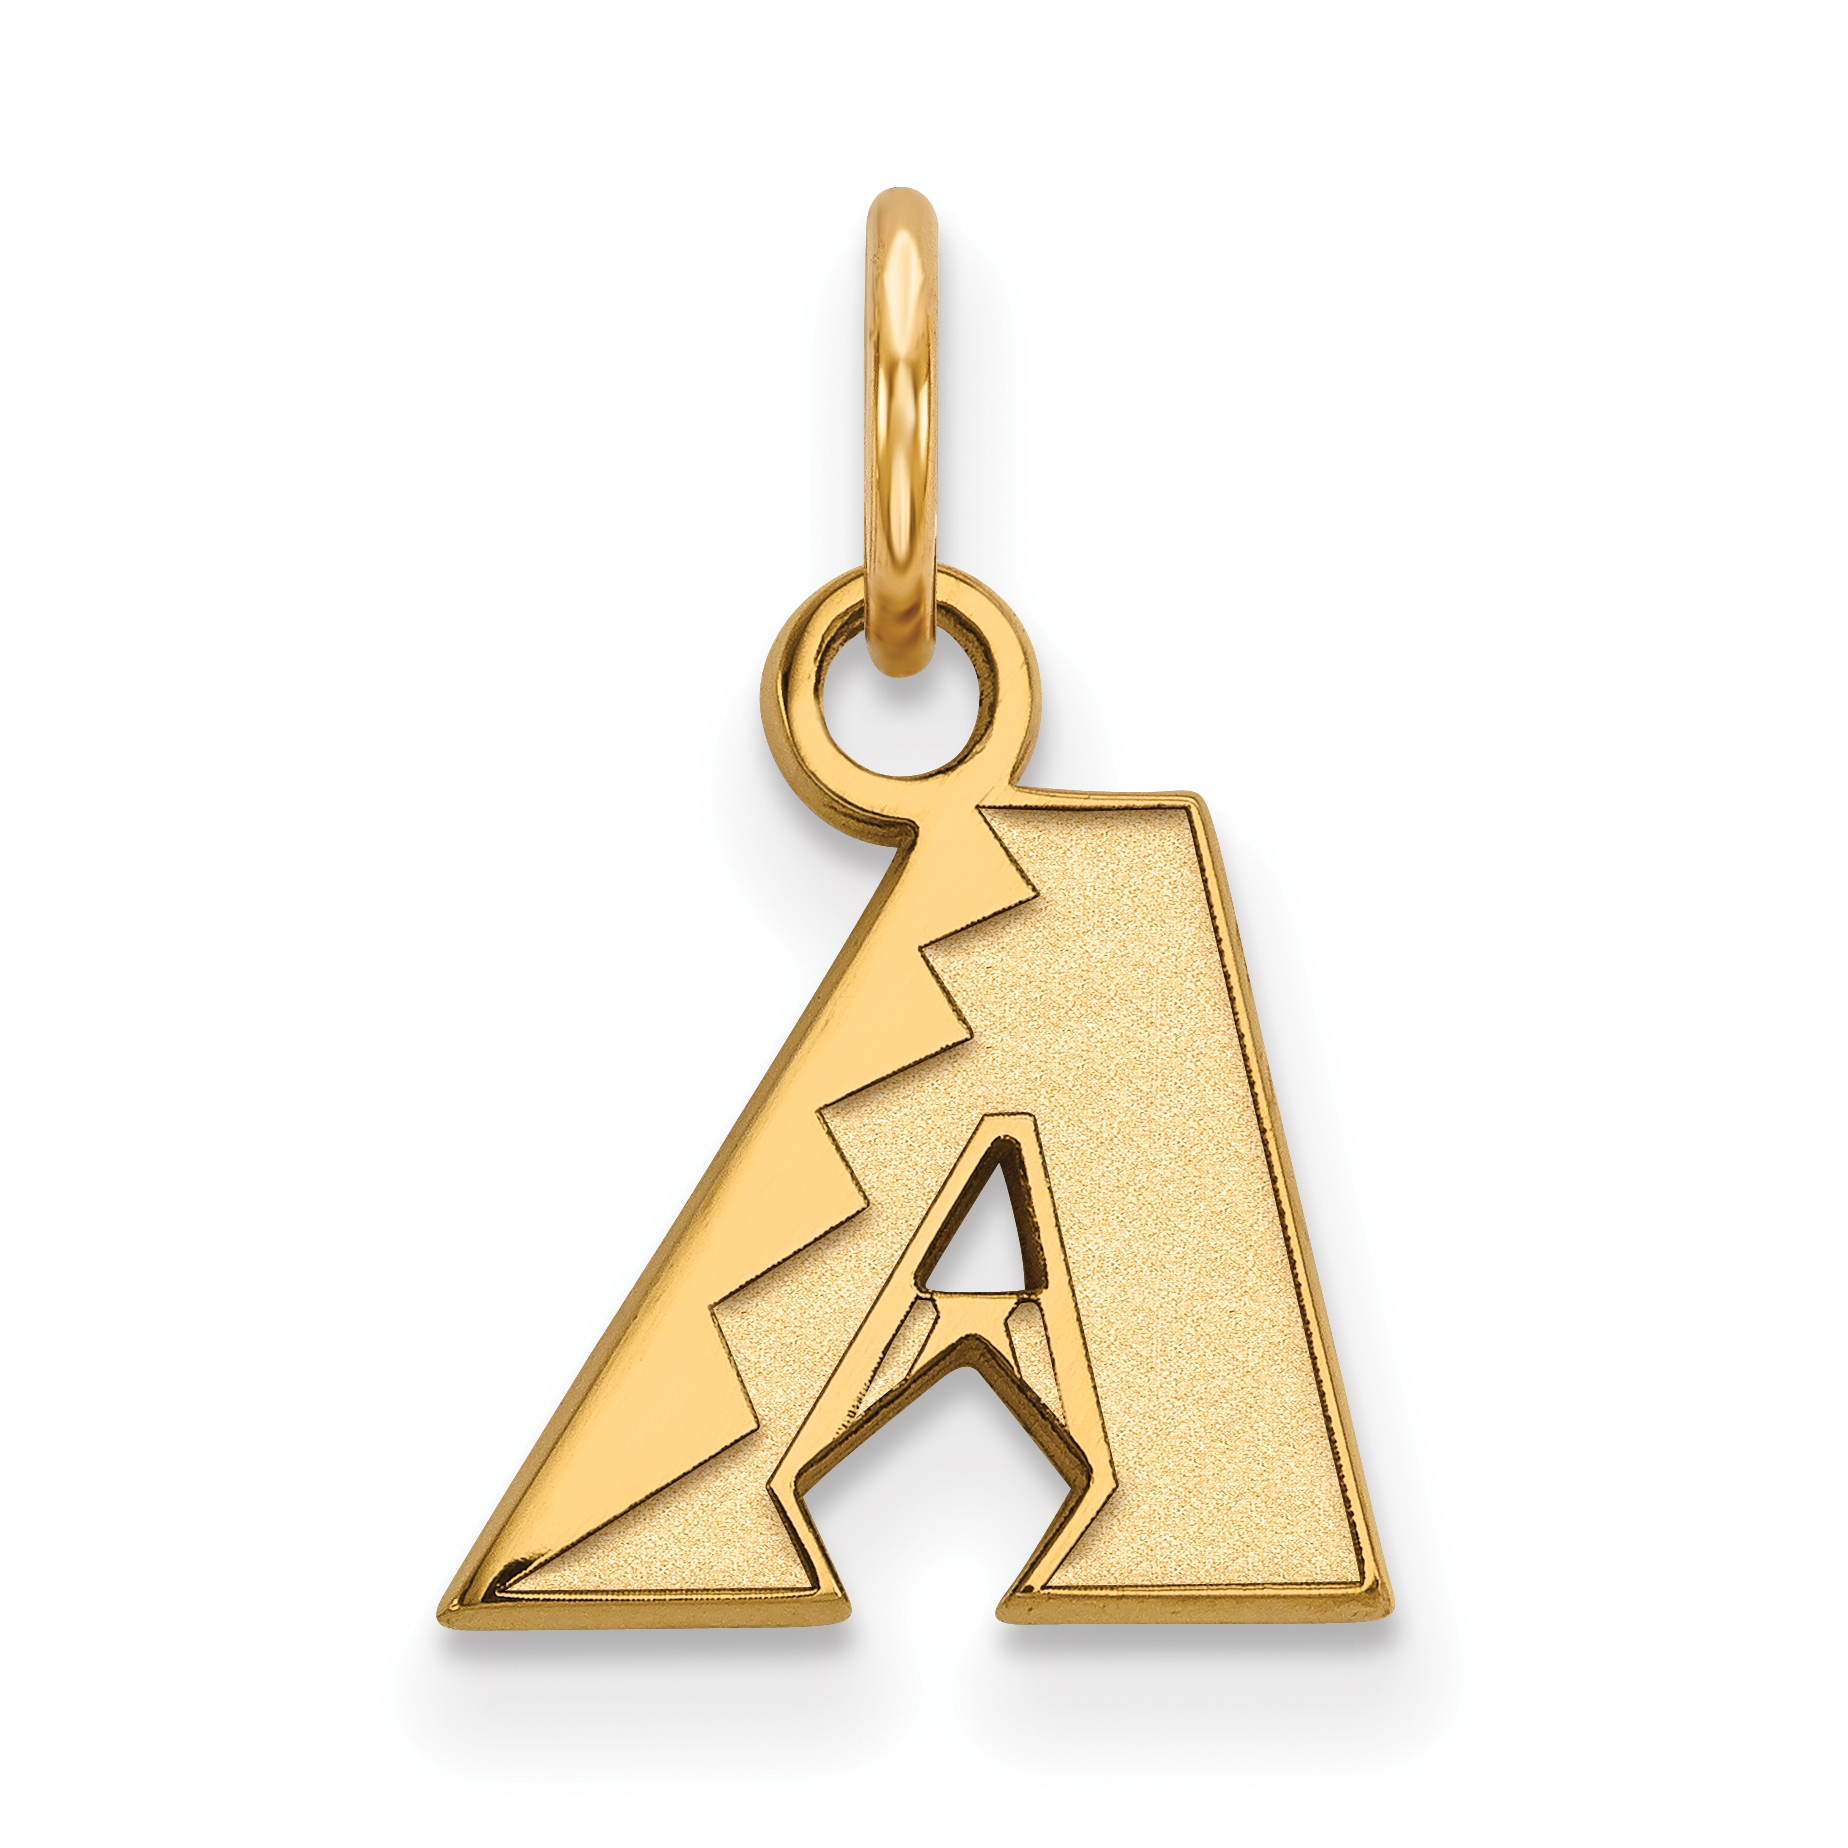 MLB Arizona Diamondbacks ARIZONA DIAMONDBACKS AMPED LOGO CRYSTAL EARRINGS Size One Size